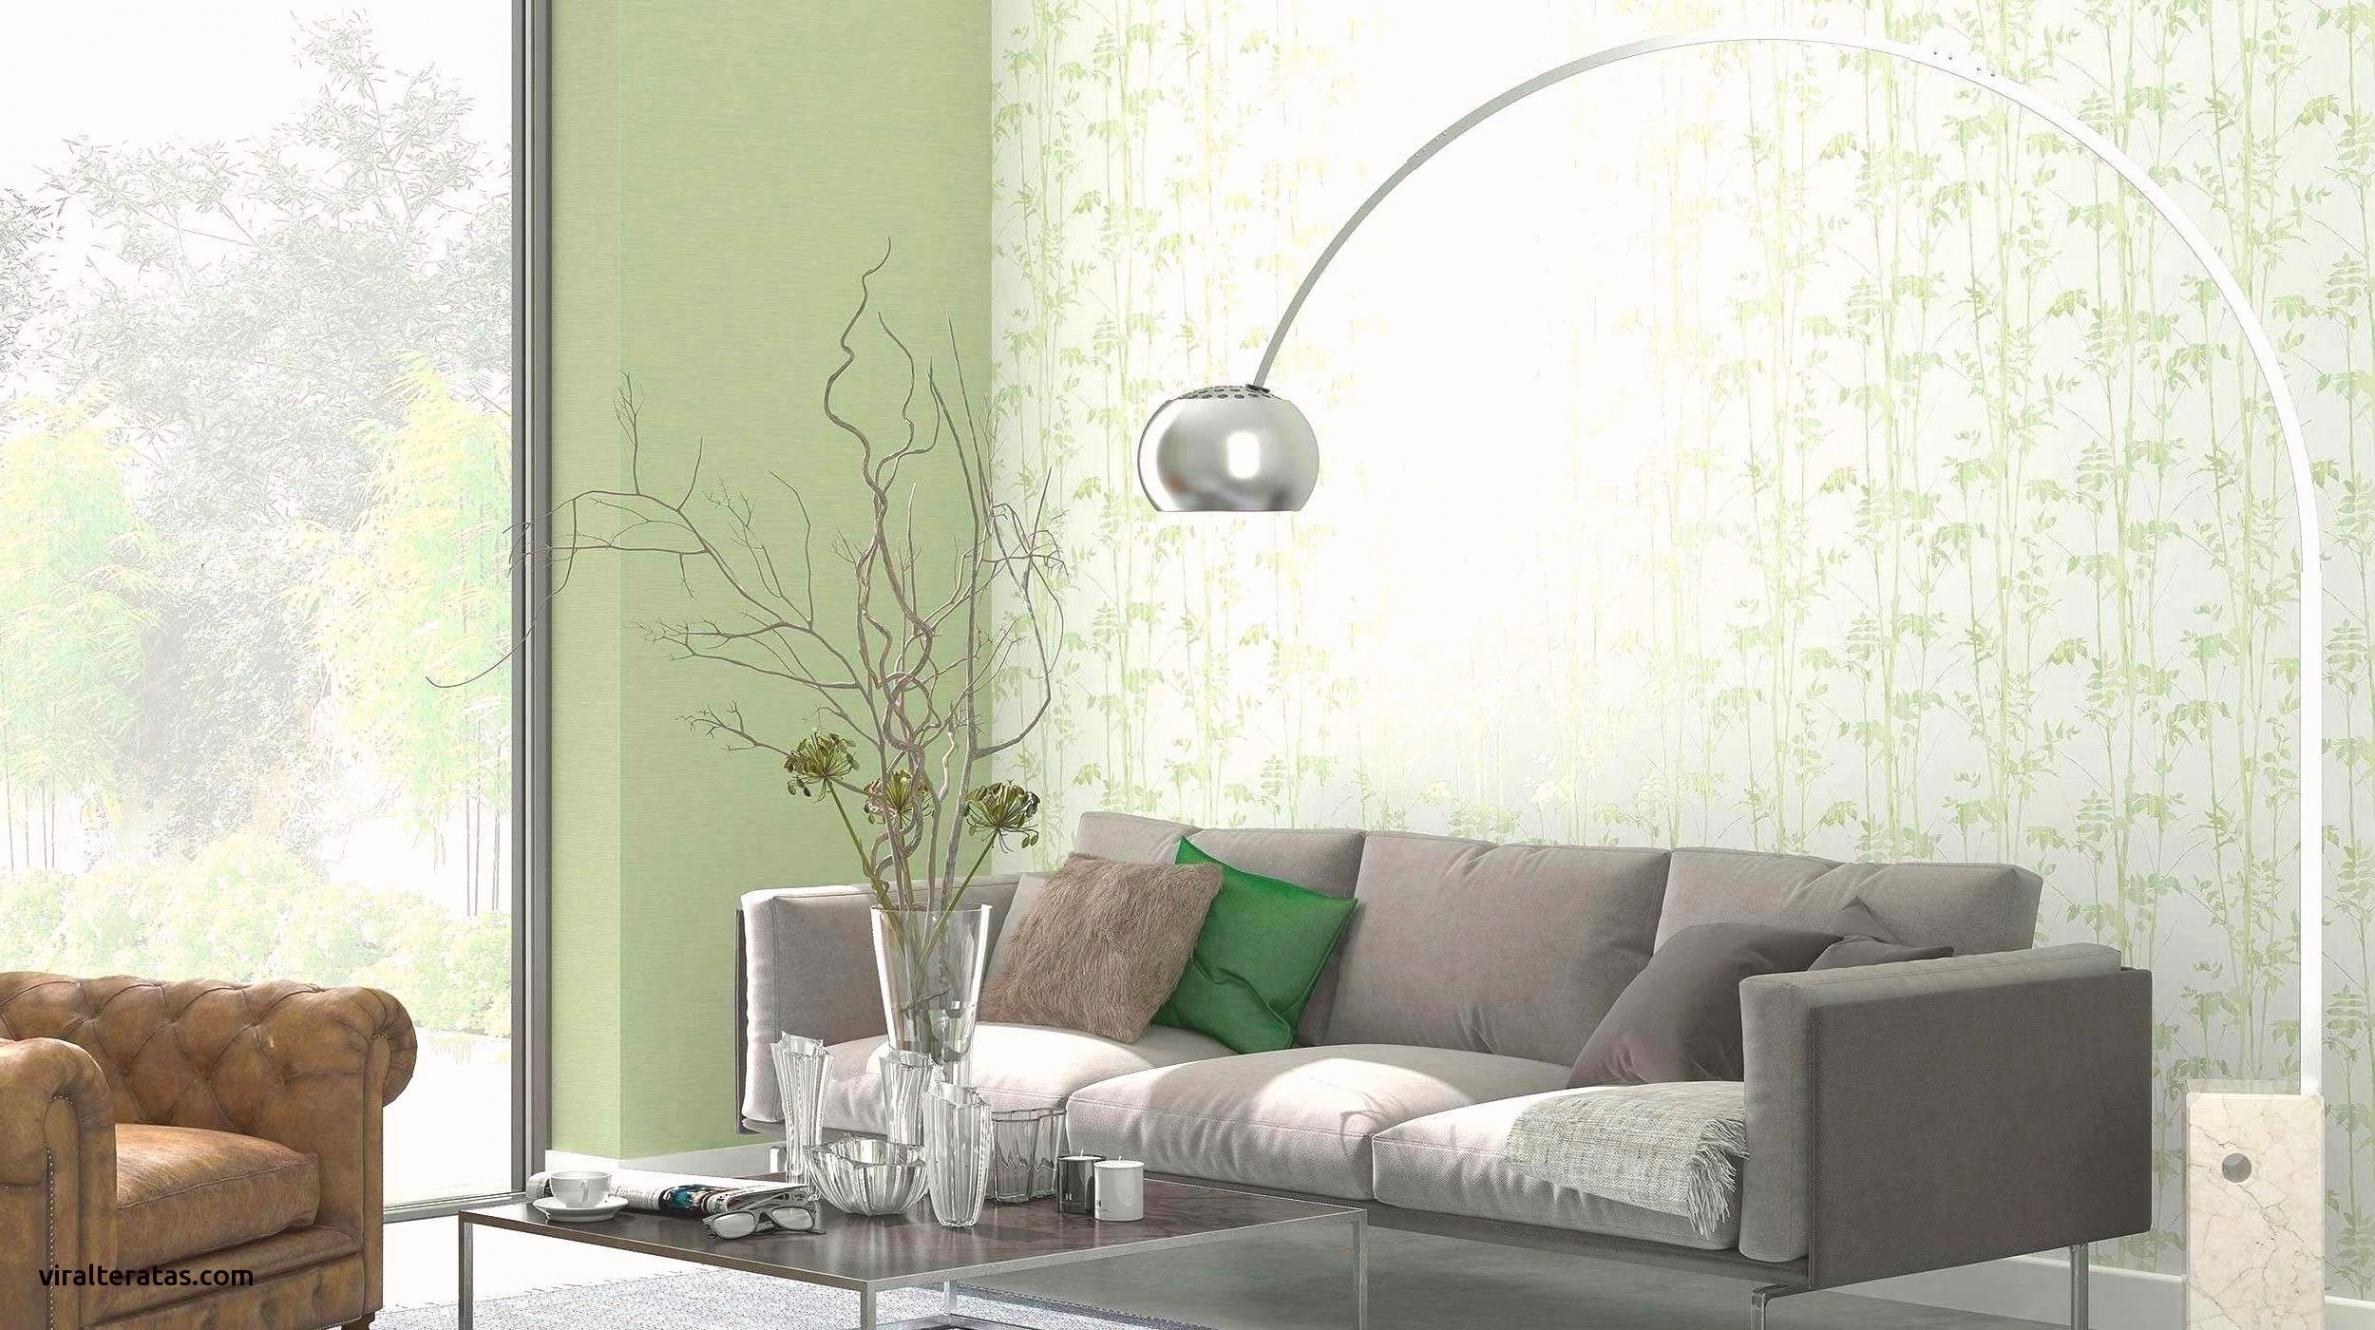 elegant tapete schlafzimmer ideen wohn schlafzimmer einrichten wohn schlafzimmer einrichten